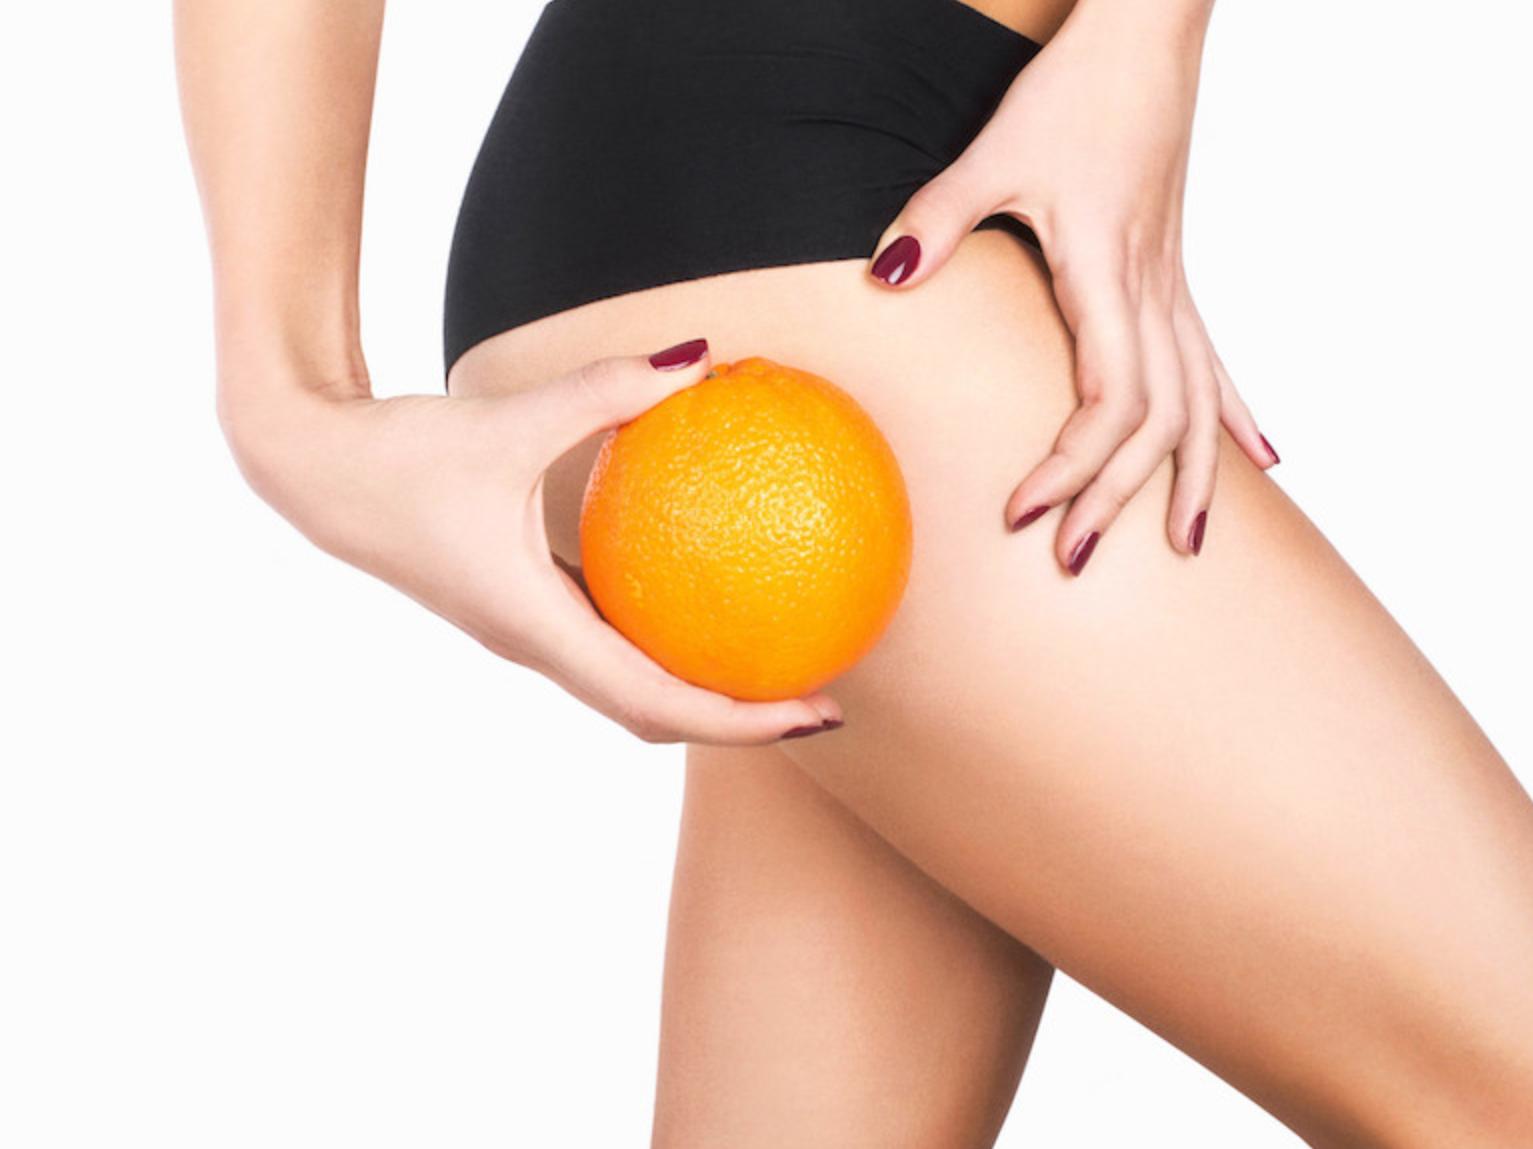 Vaincre la cellulite grâce au sport avec électrostimulation